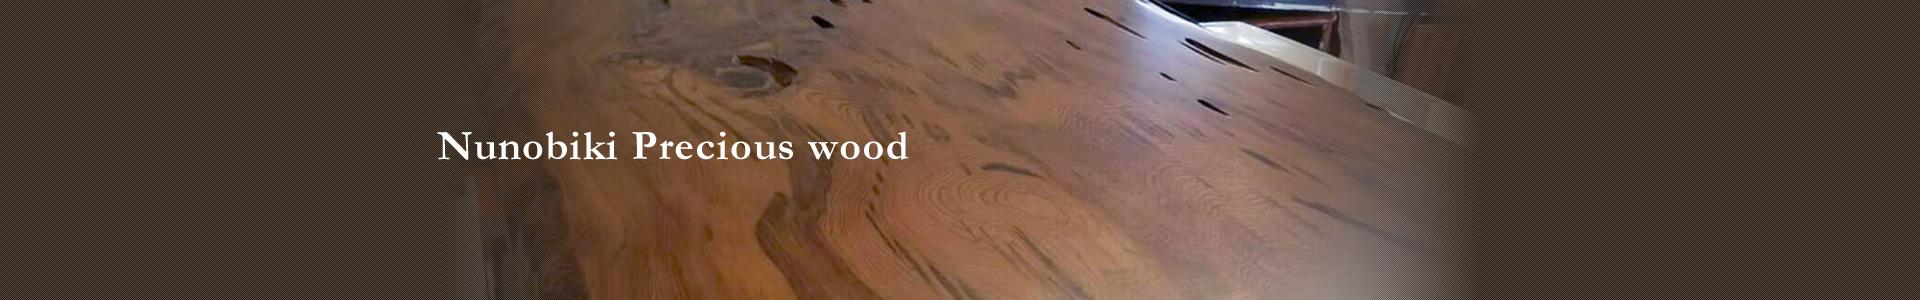 Nunobiki Precious wood